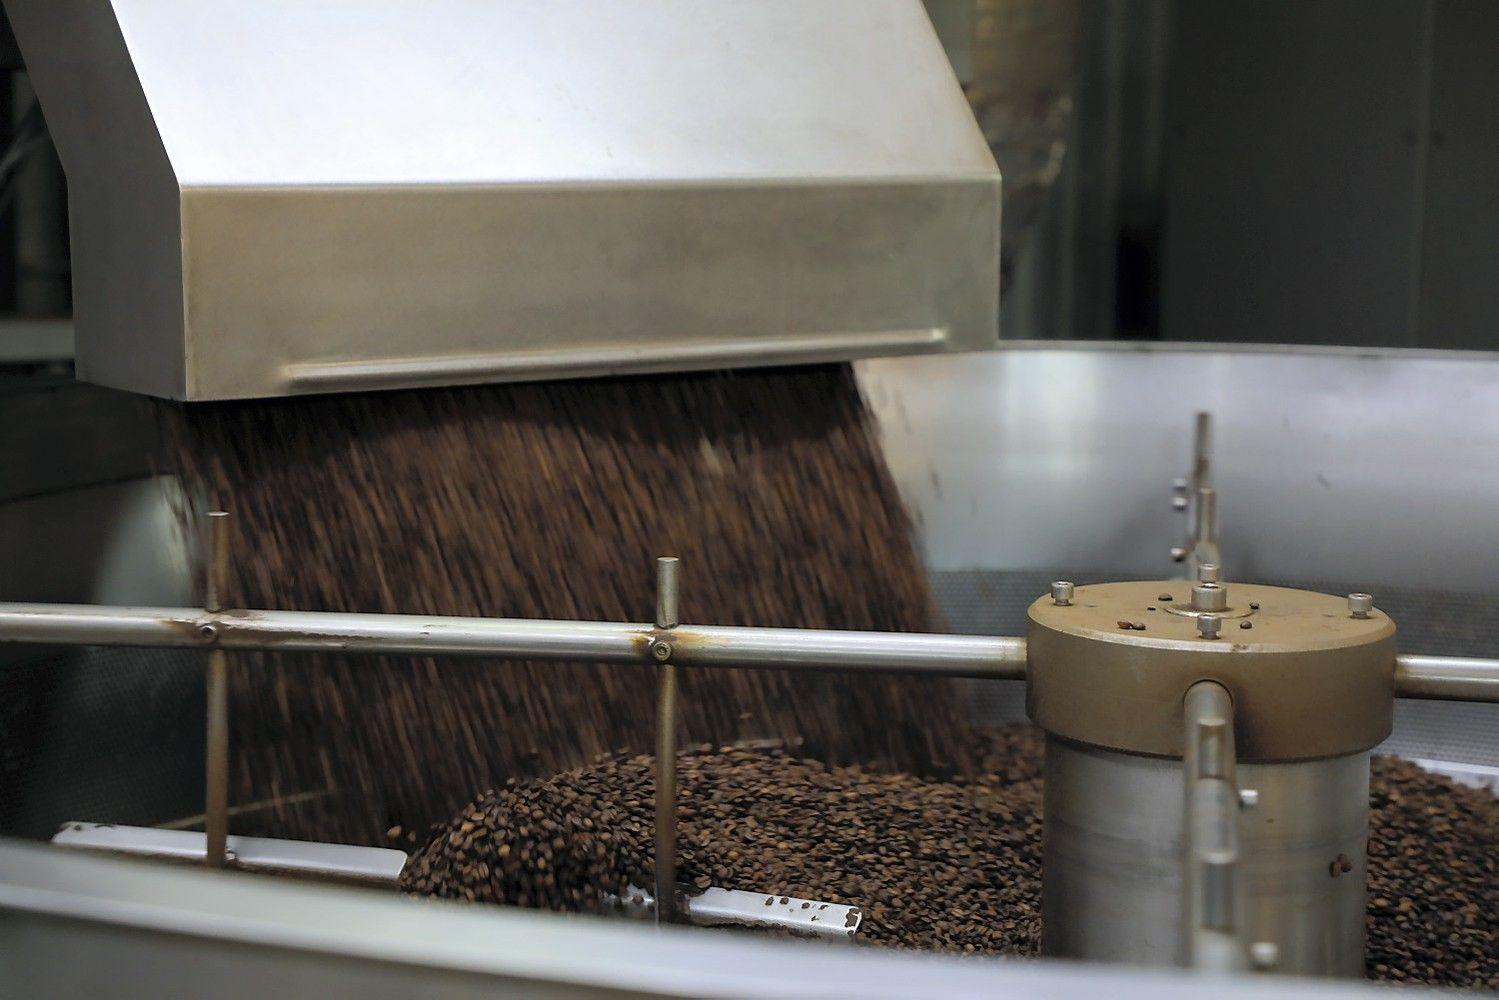 Šiuolaikinė dilema: greitai ar kokybiškai mėgautis kava?